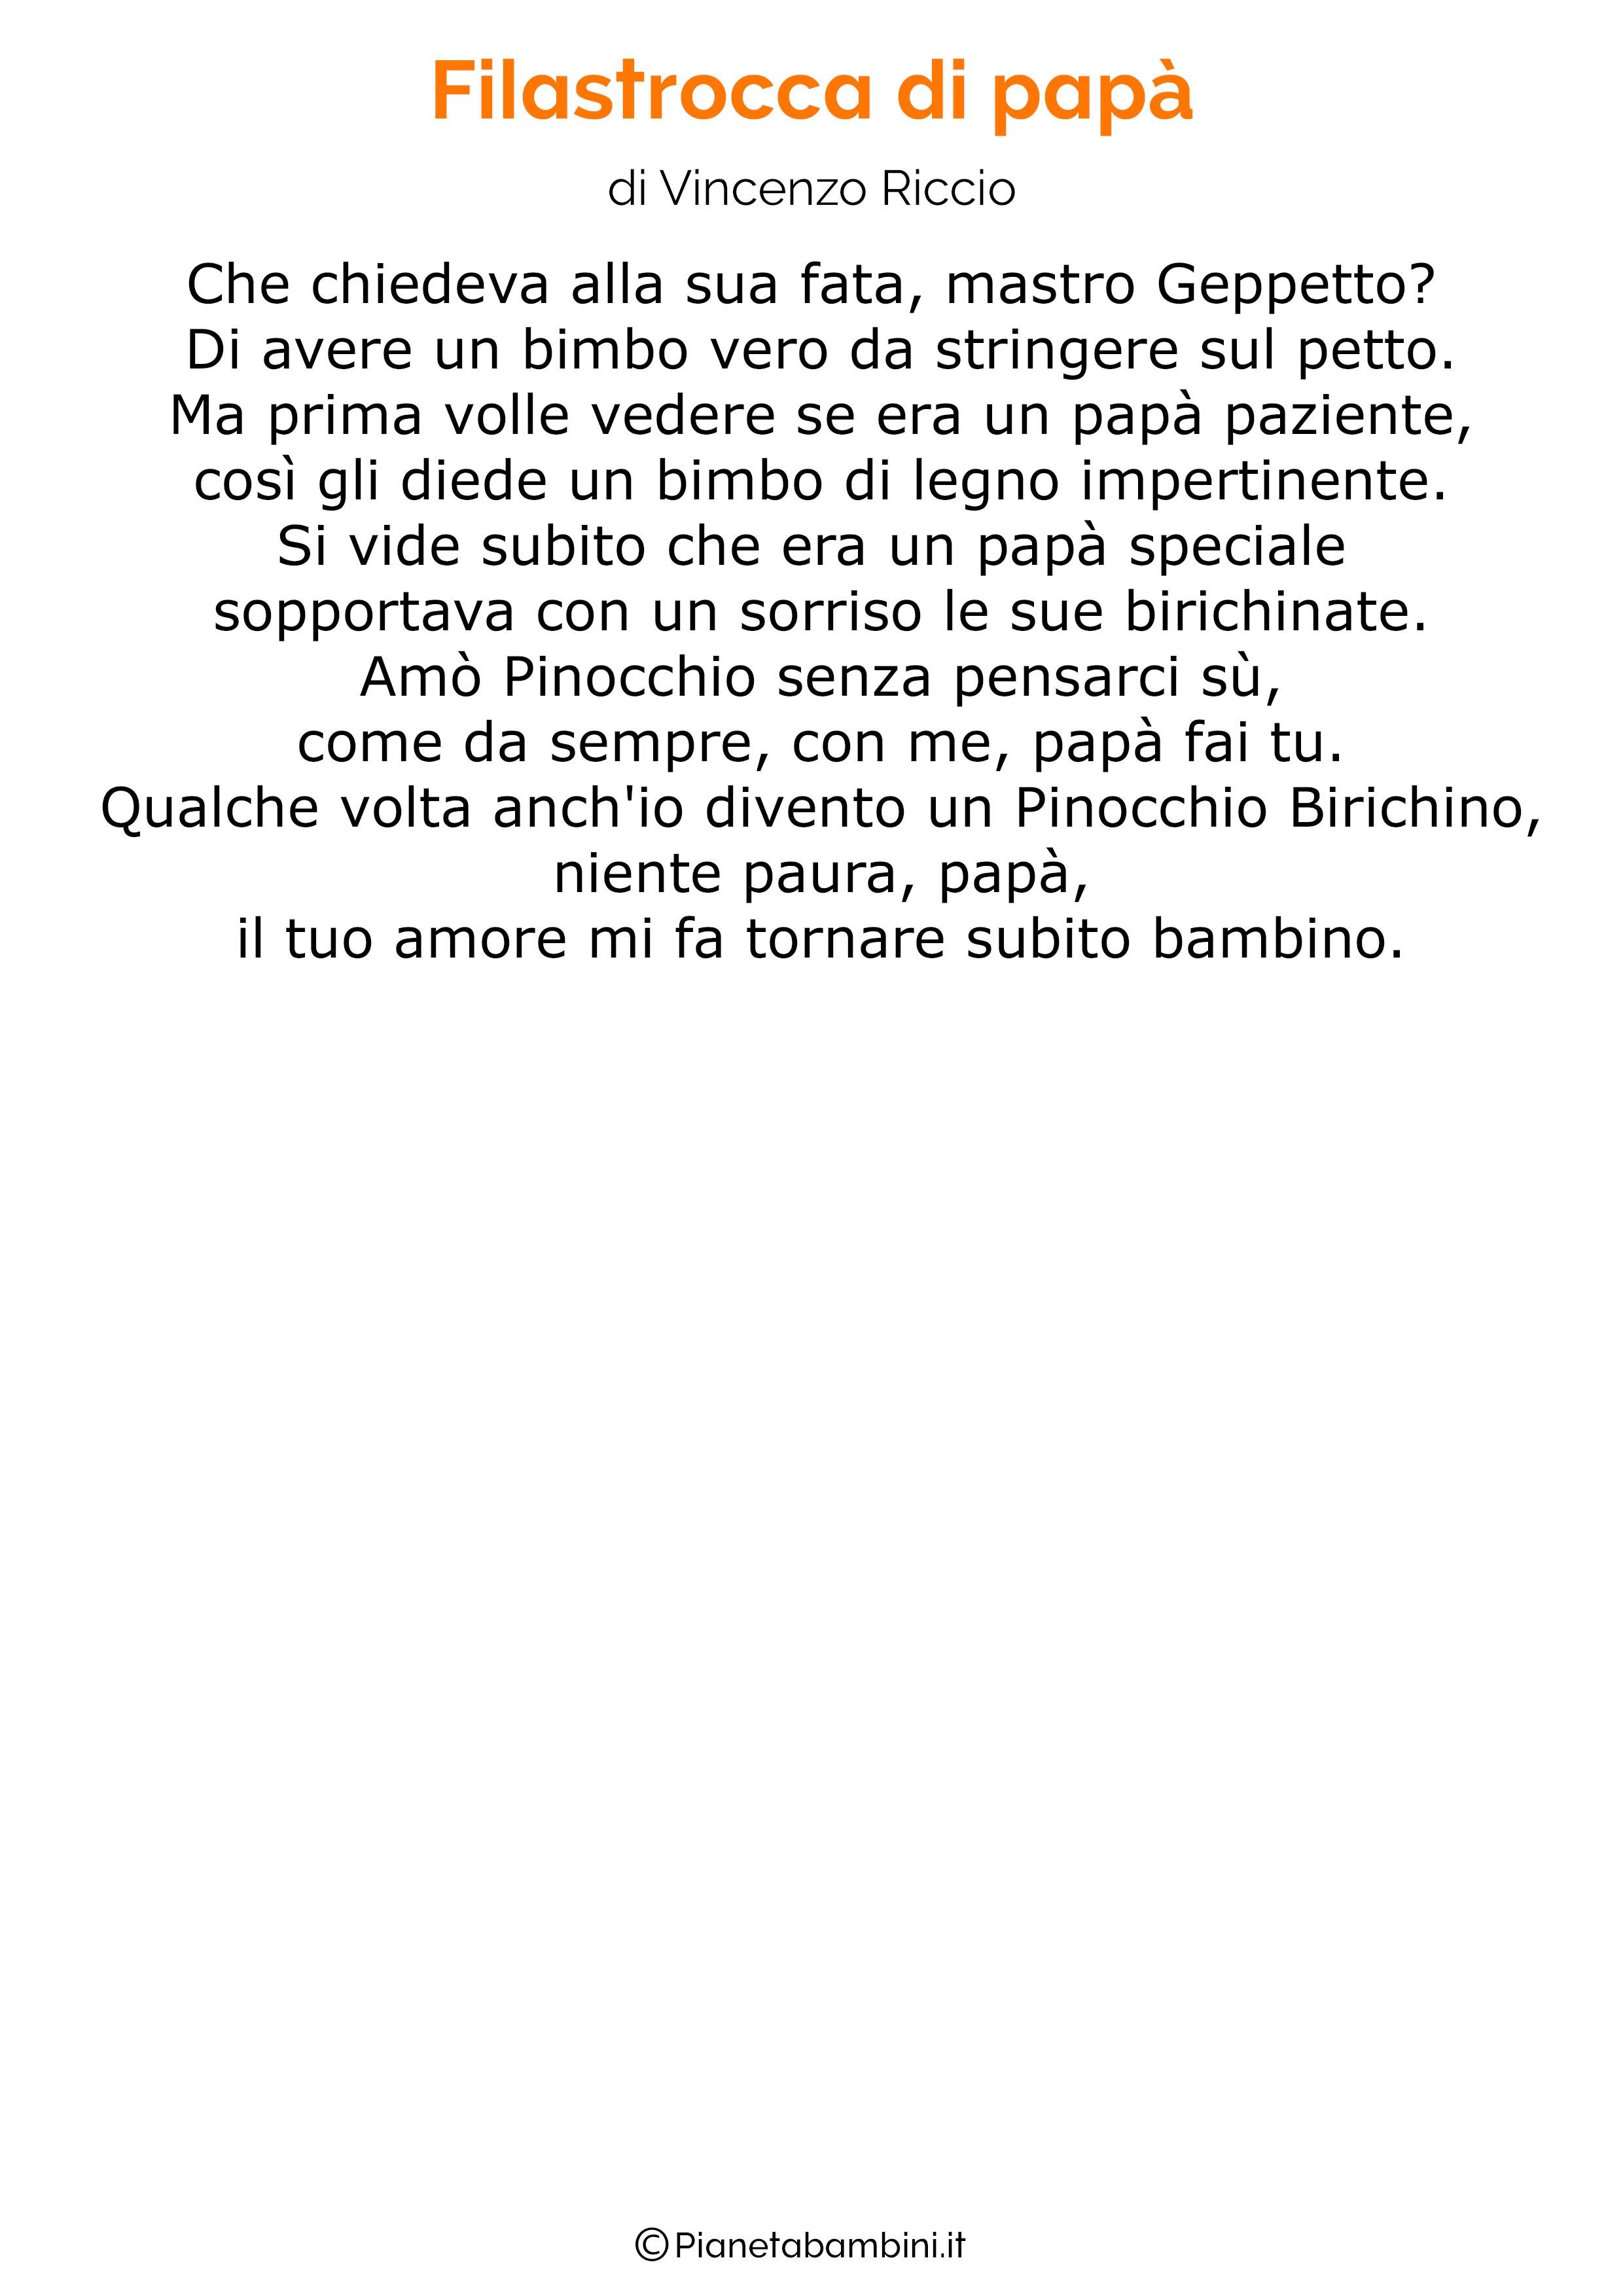 Poesia per la festa del papa per bambini 07